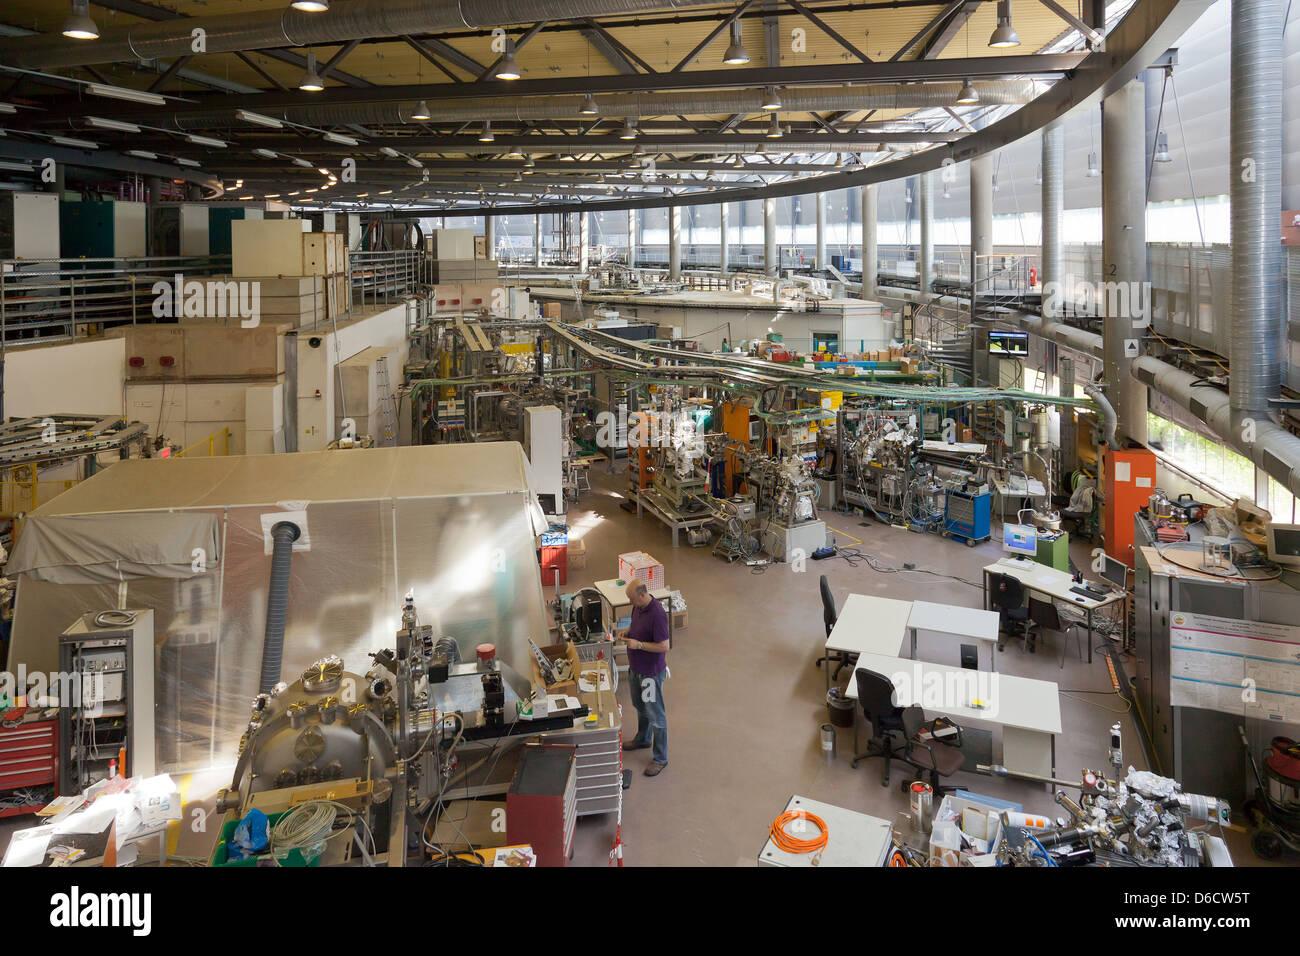 Helmholtz zentrum berlin fur materialien und energie gmbh